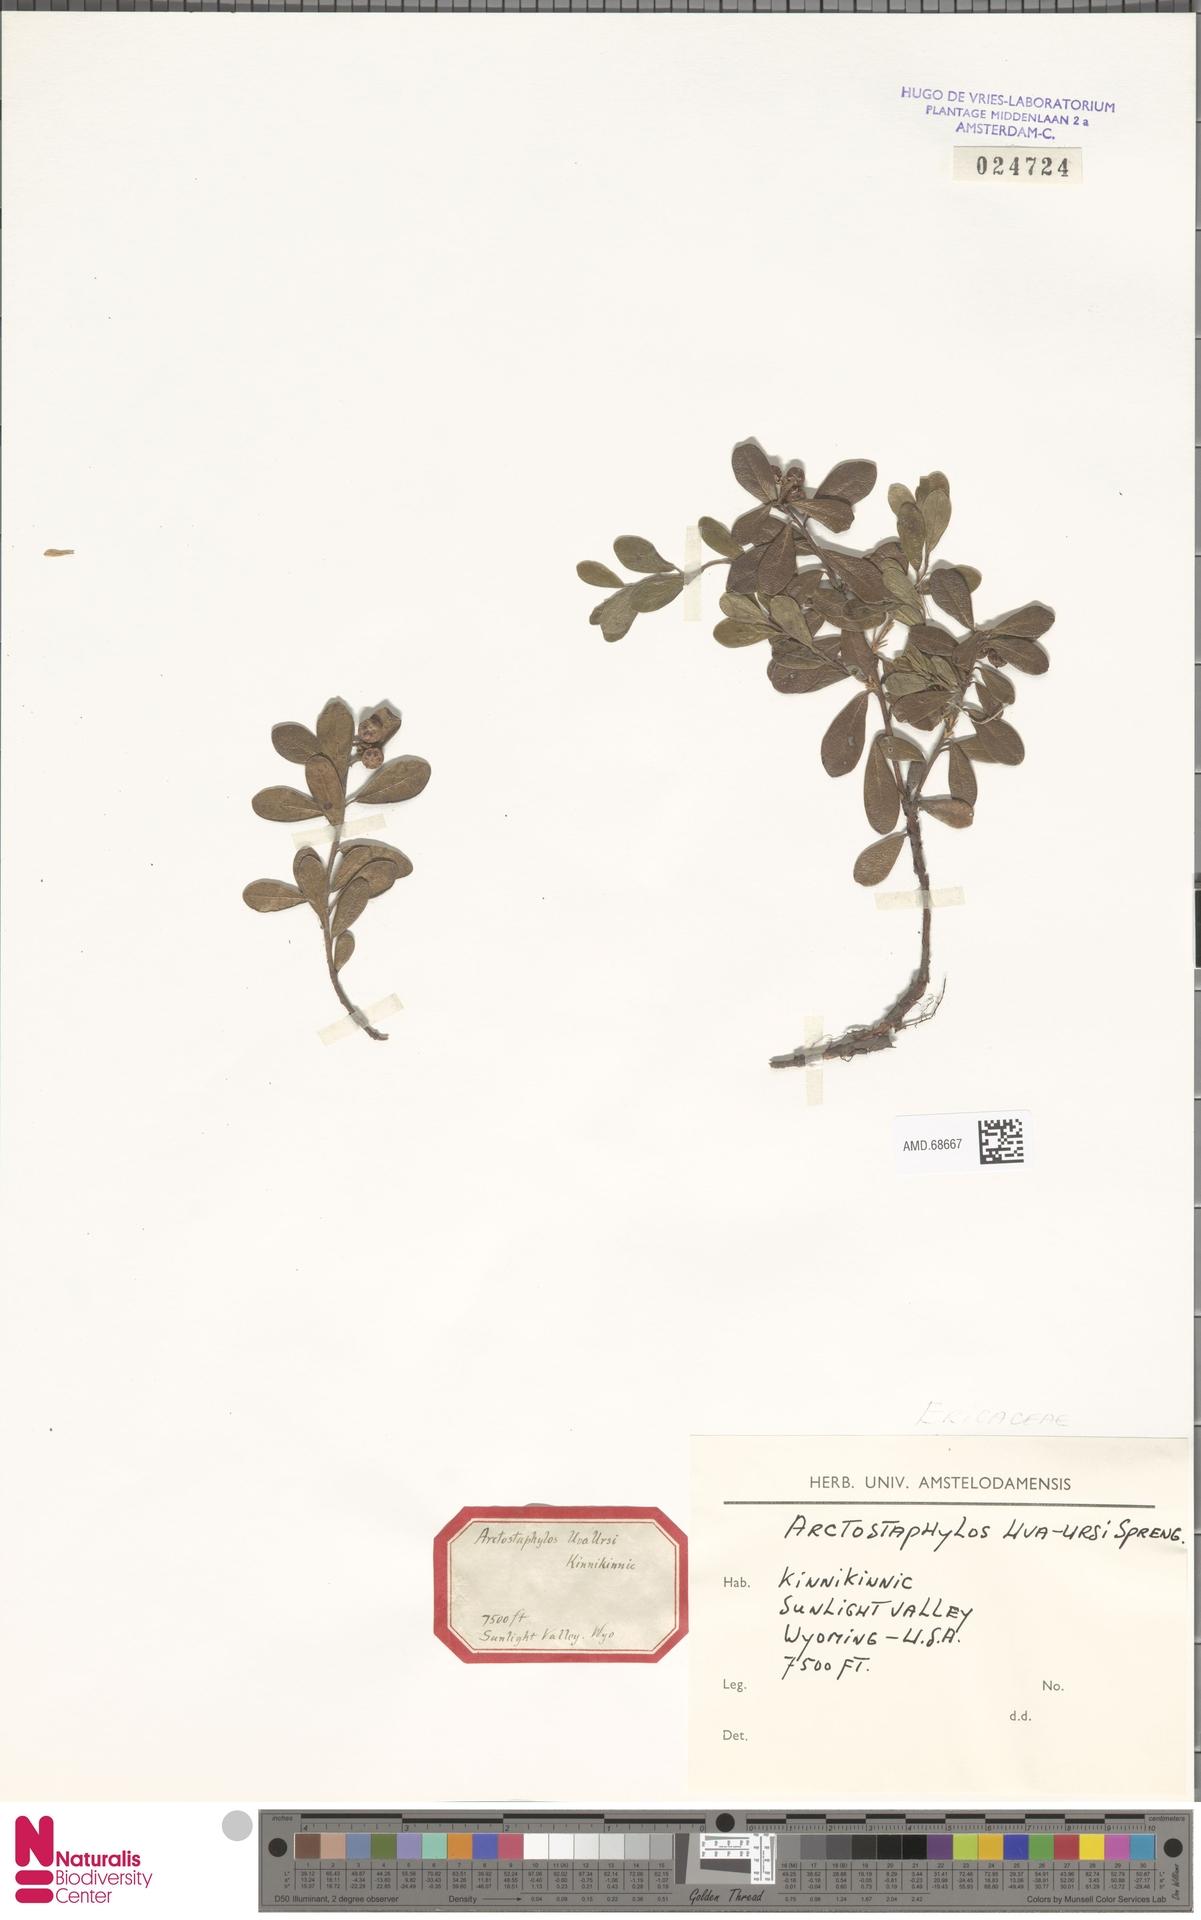 AMD.68667 | Arctostaphylos uva-ursi (L.) Spreng.